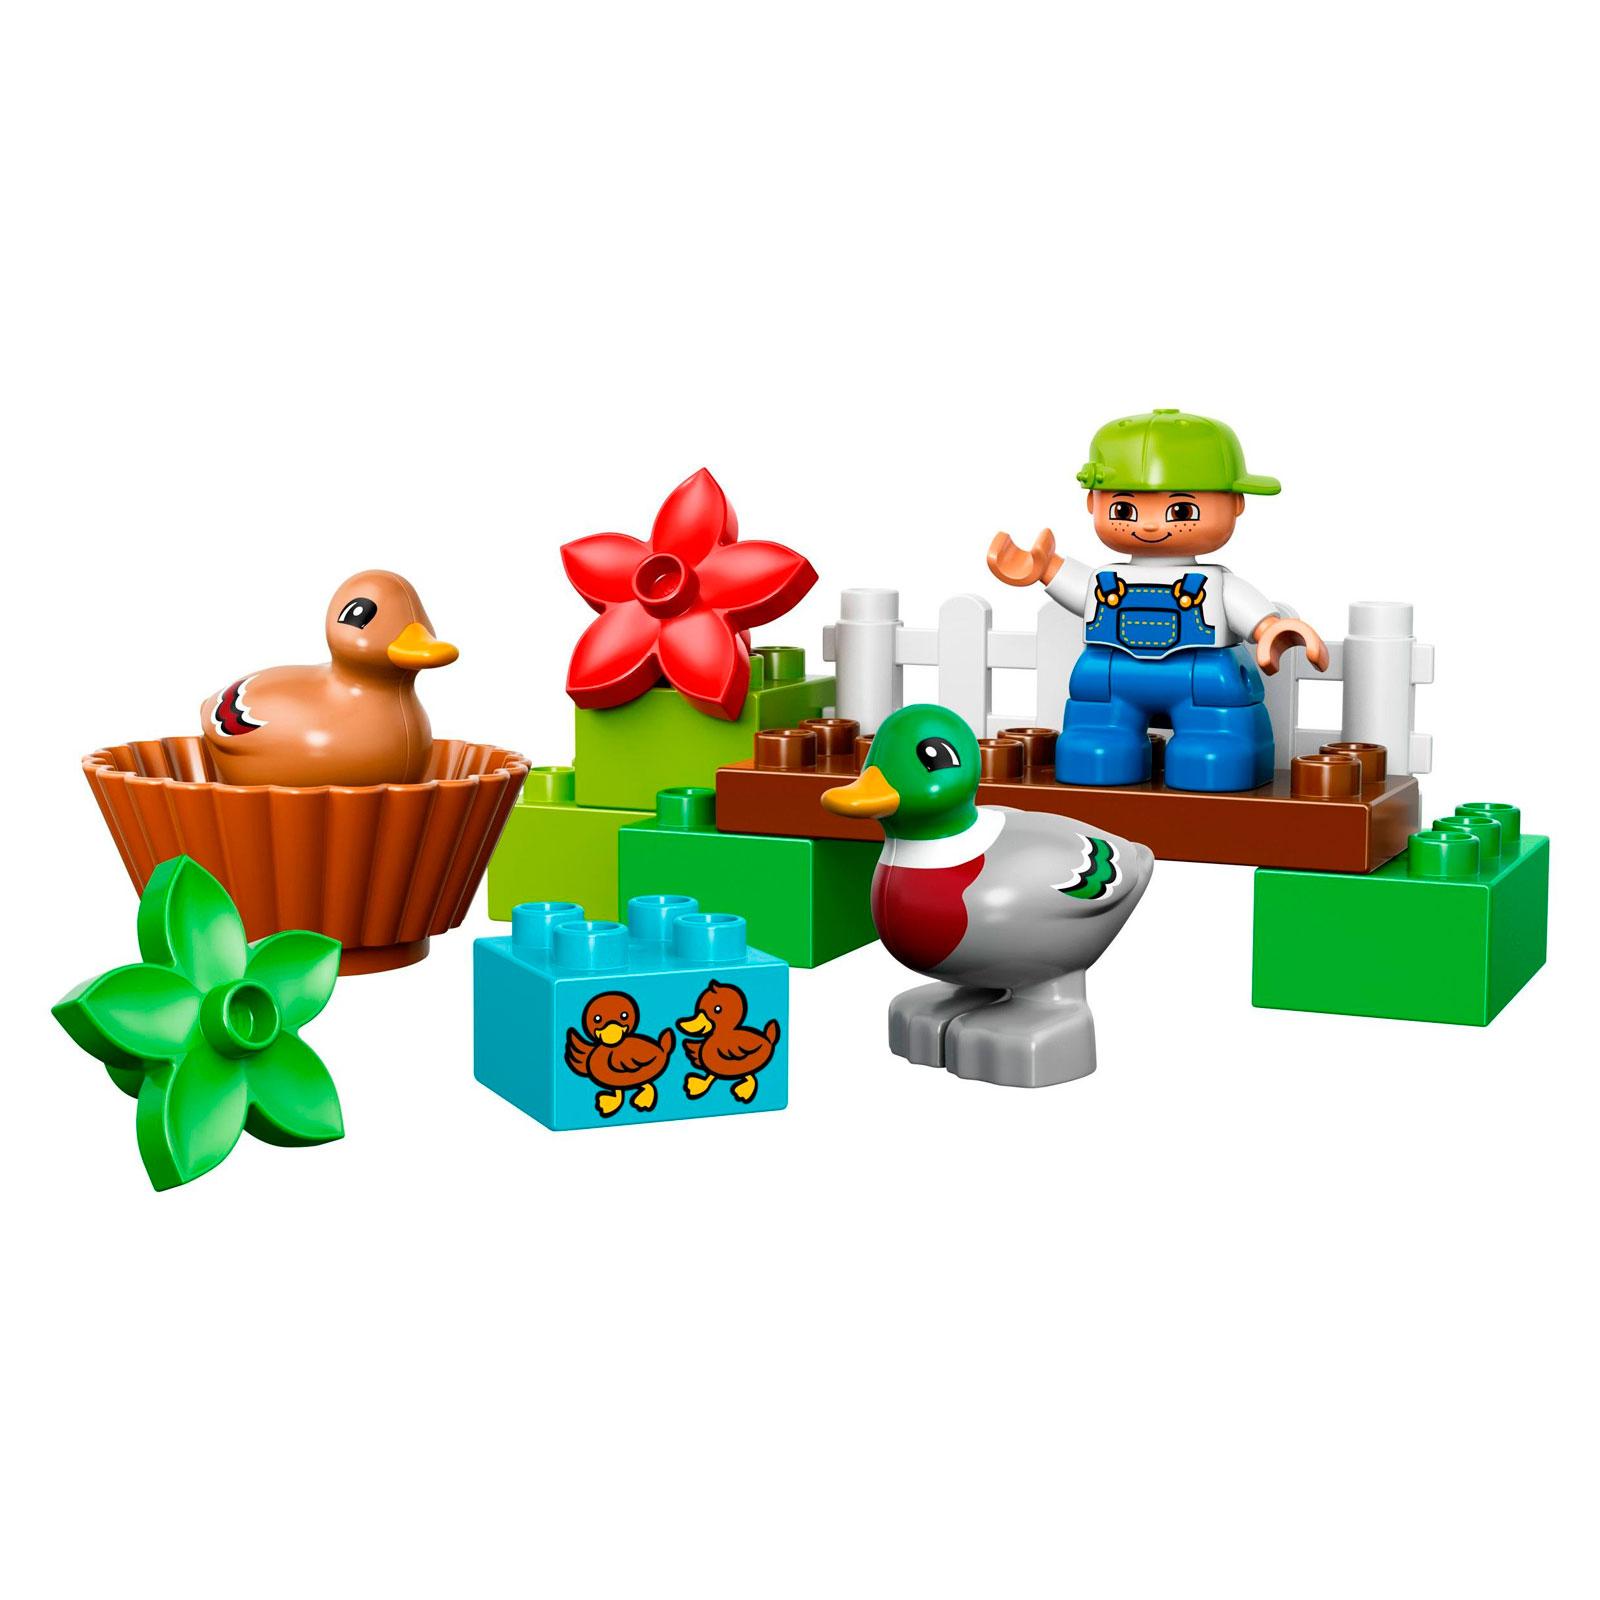 Конструктор LEGO Duplo 10581 Уточки в лесу<br>